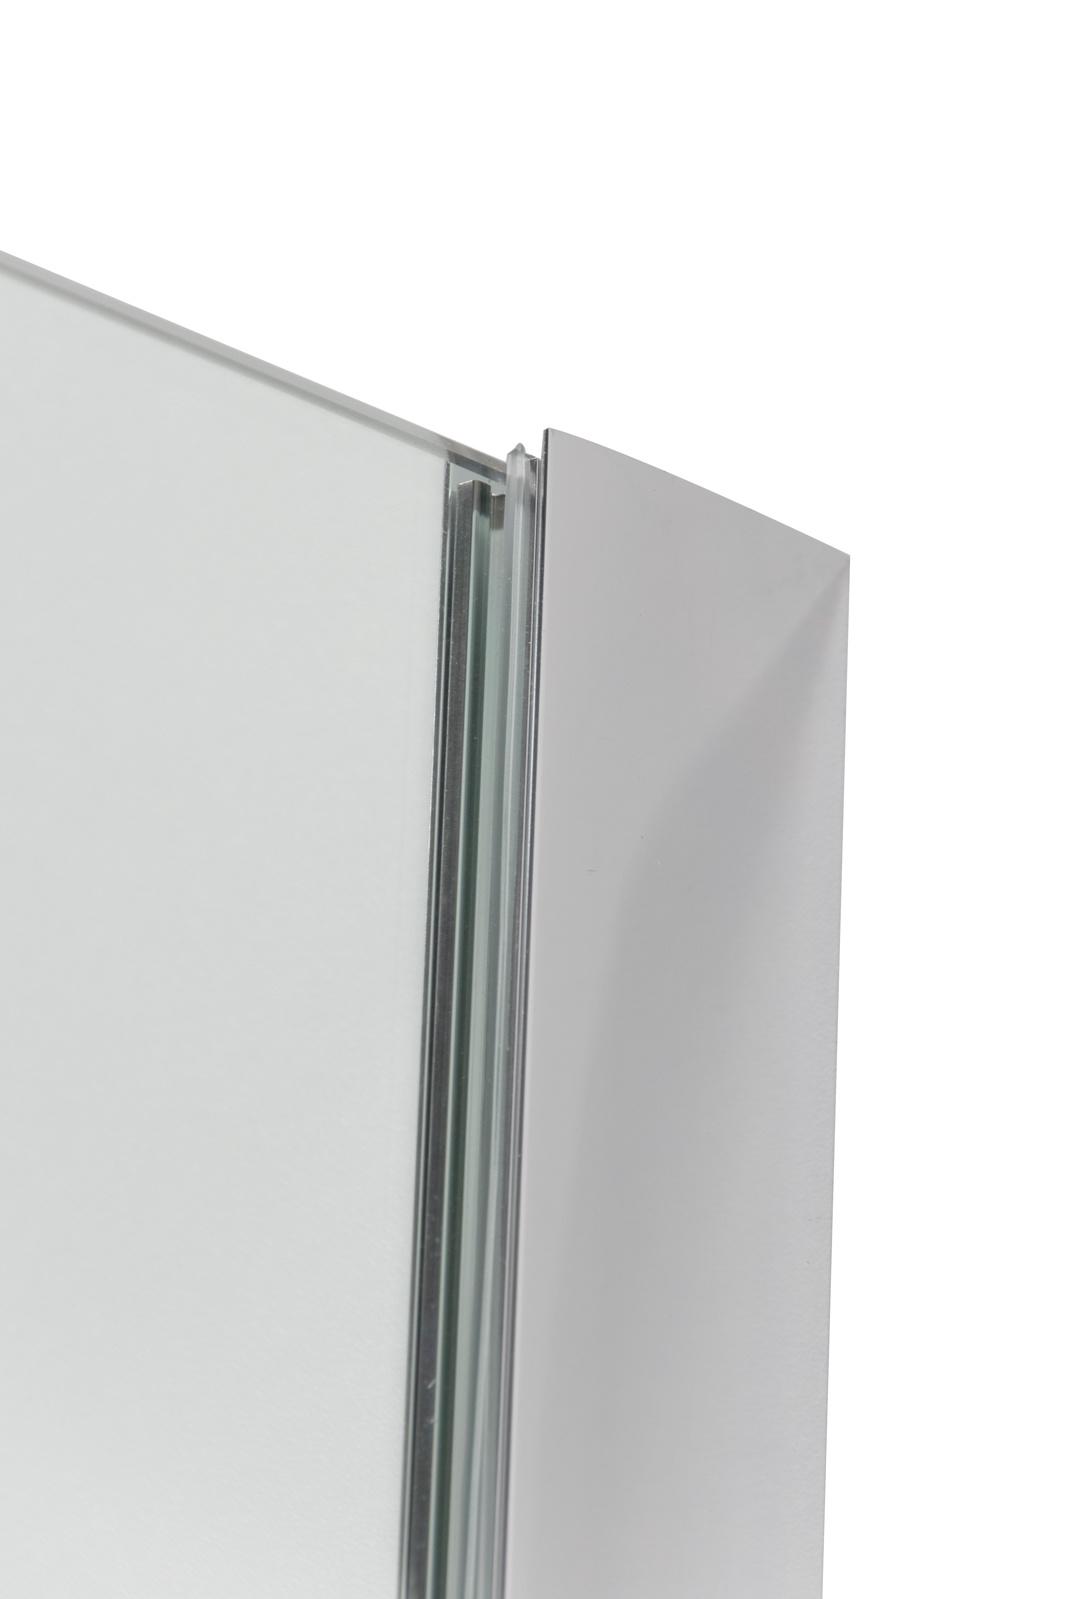 Linea Uno Inloopdouche Göteborg Nano 160 x 200 cm